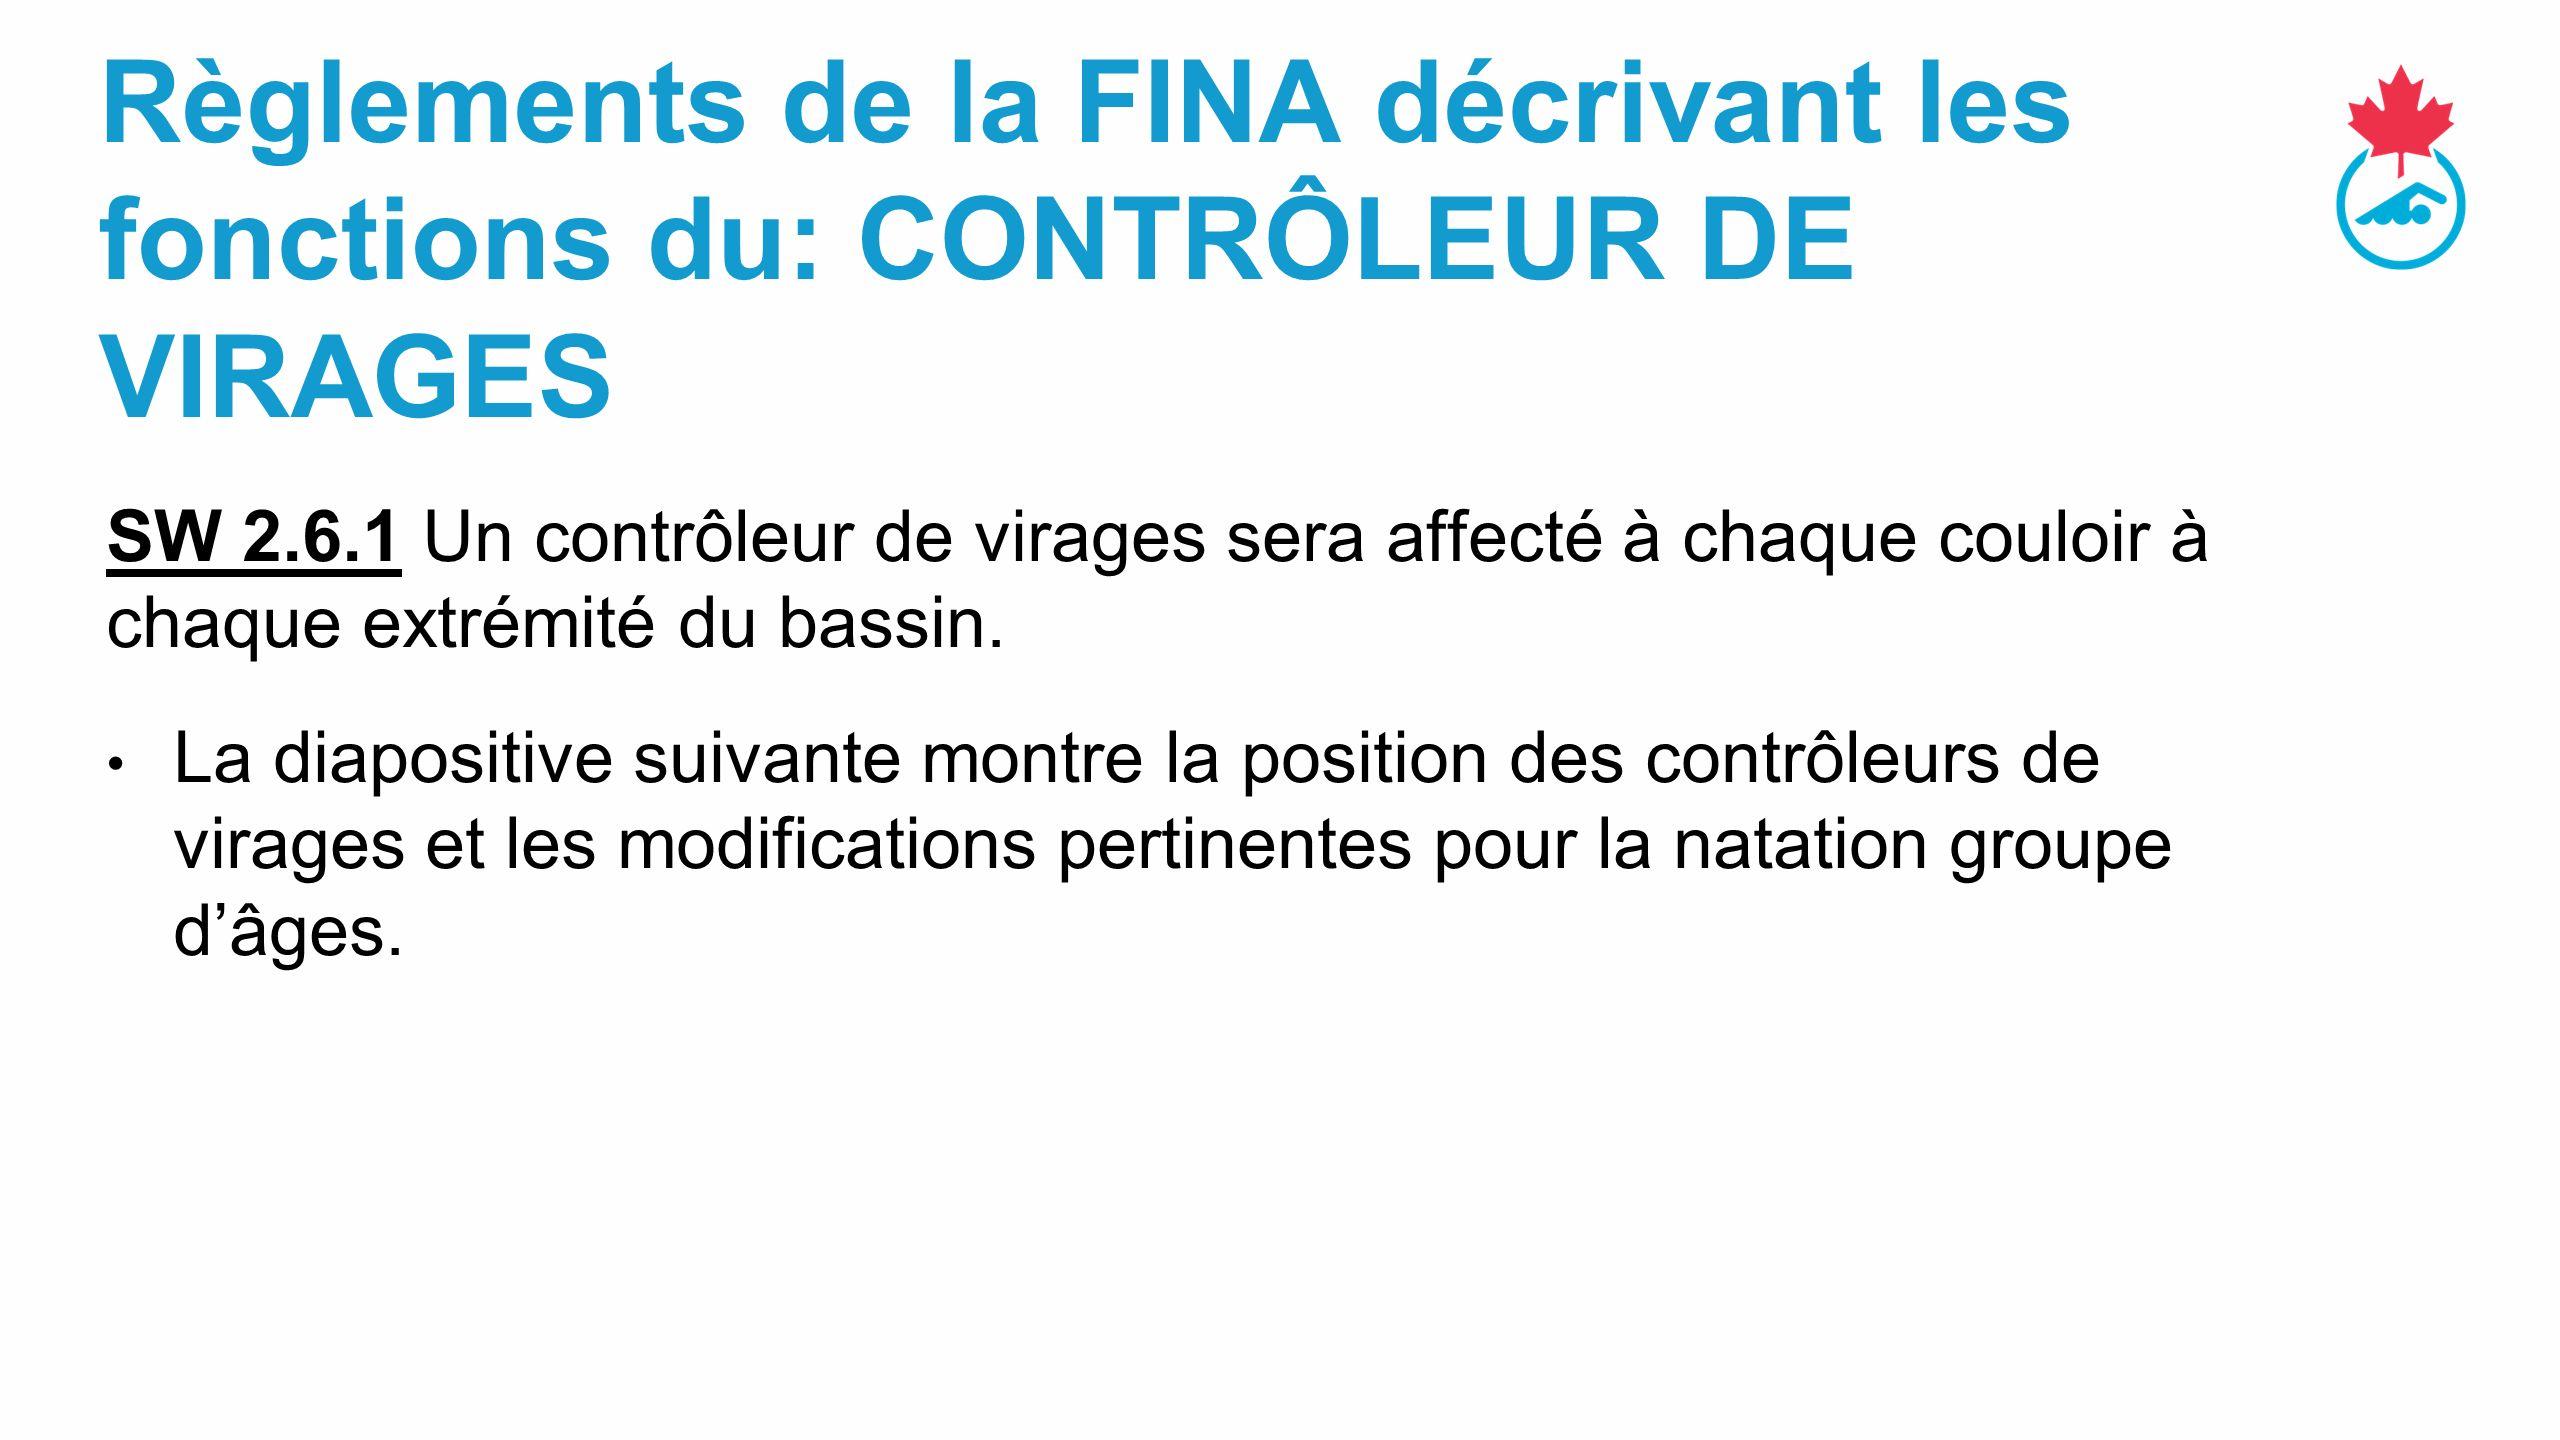 Règlements de la FINA décrivant les fonctions du: CONTRÔLEUR DE VIRAGES